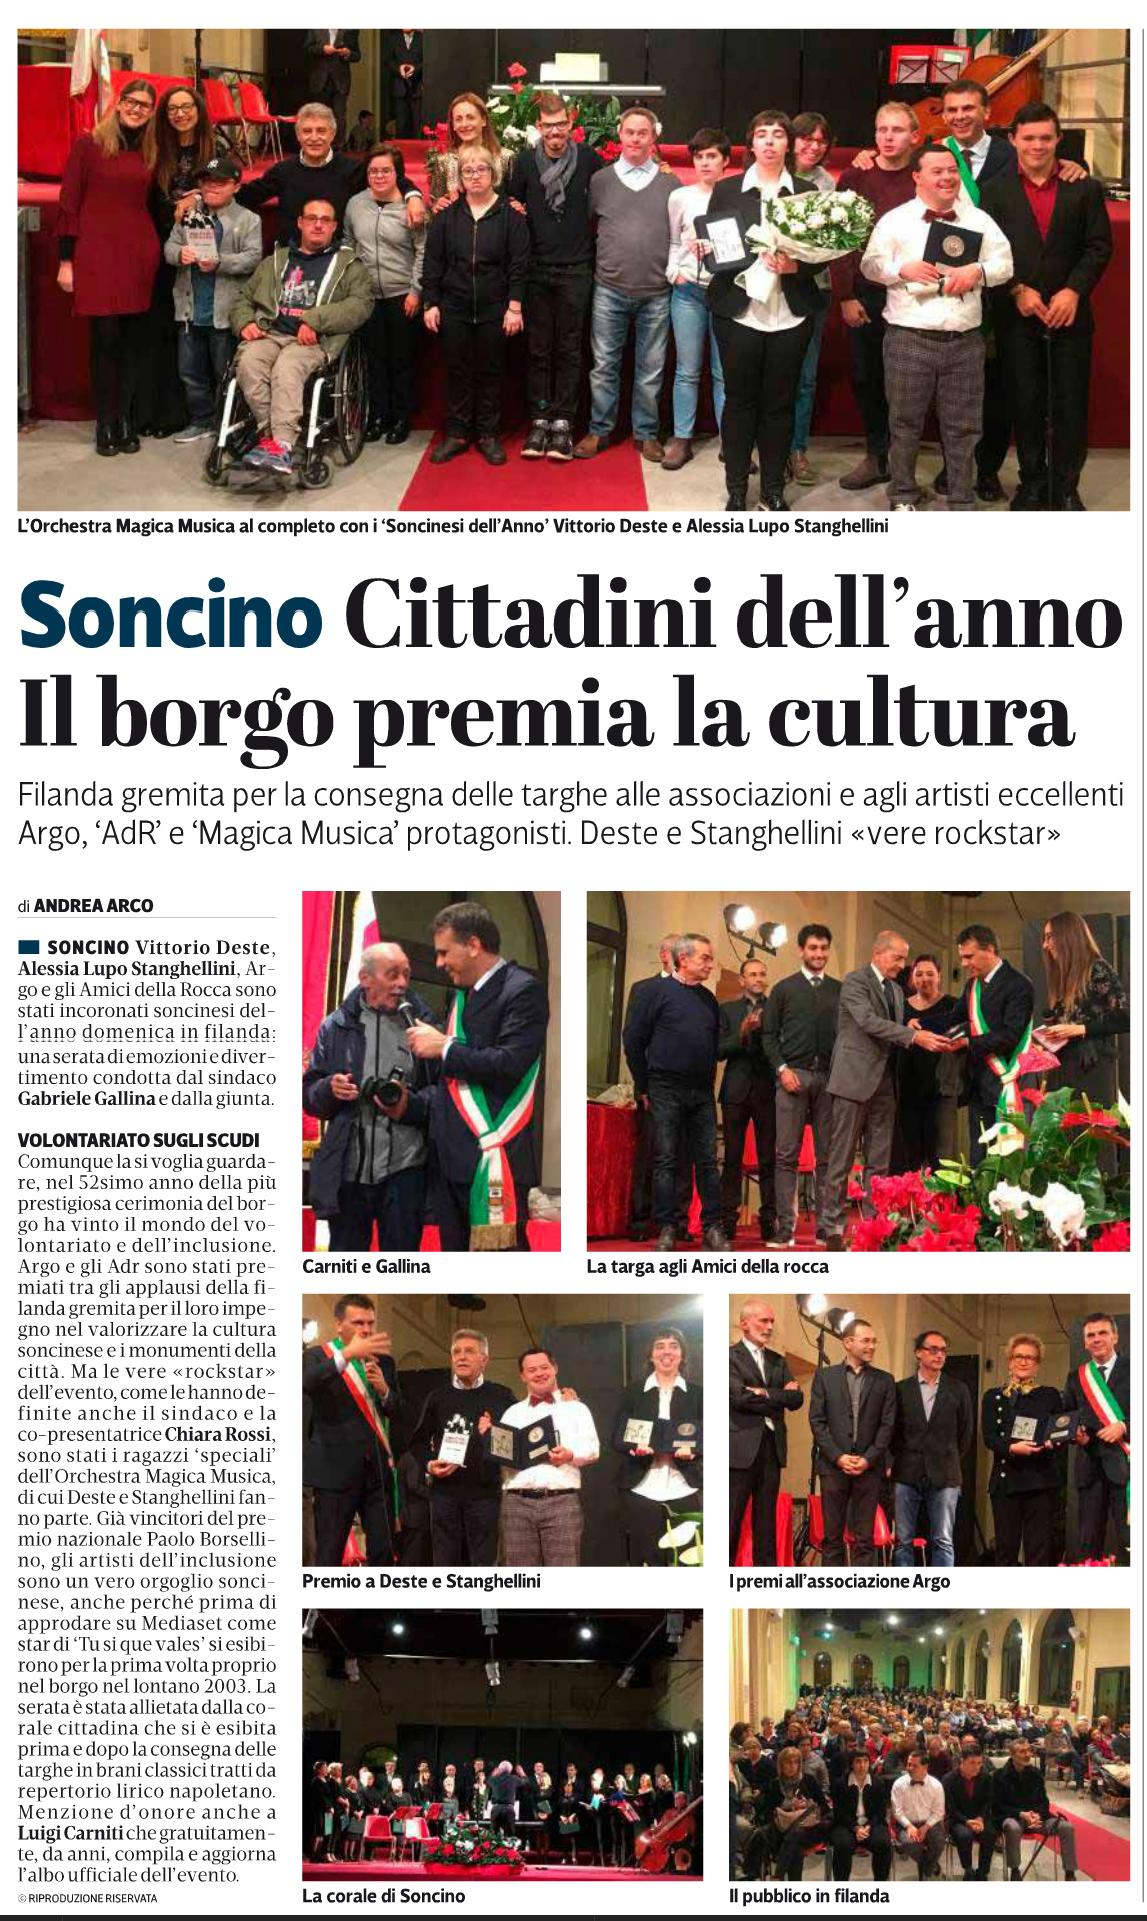 Adr-Soncinesi dell'anno 2018-la provincia 141118 (1)